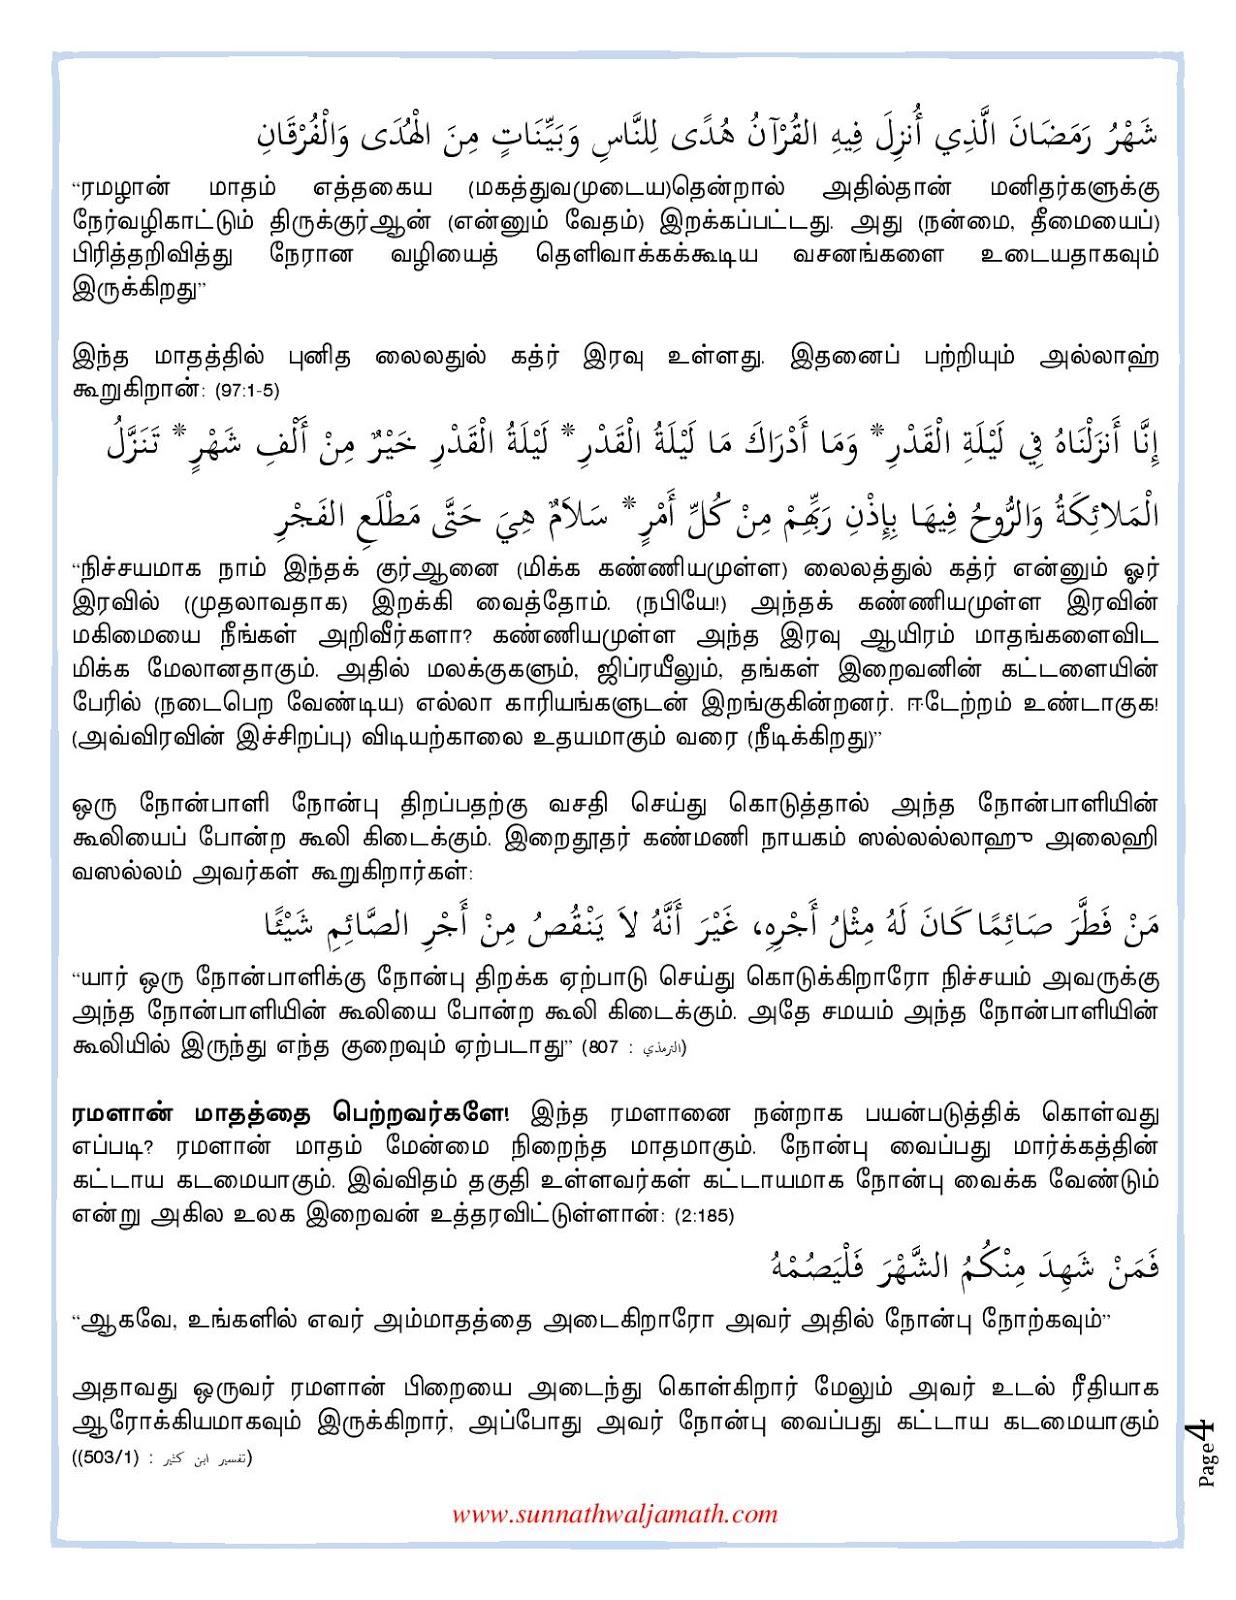 https://3.bp.blogspot.com/-teI2iB6cbYc/V1D3IRB7_tI/AAAAAAAAHCo/Q0mwo599EPI5lO7iM2aLDju5hhB9pZg-ACLcB/s1600/Tamil%2B3rd%2BJune-16-page-004.jpg